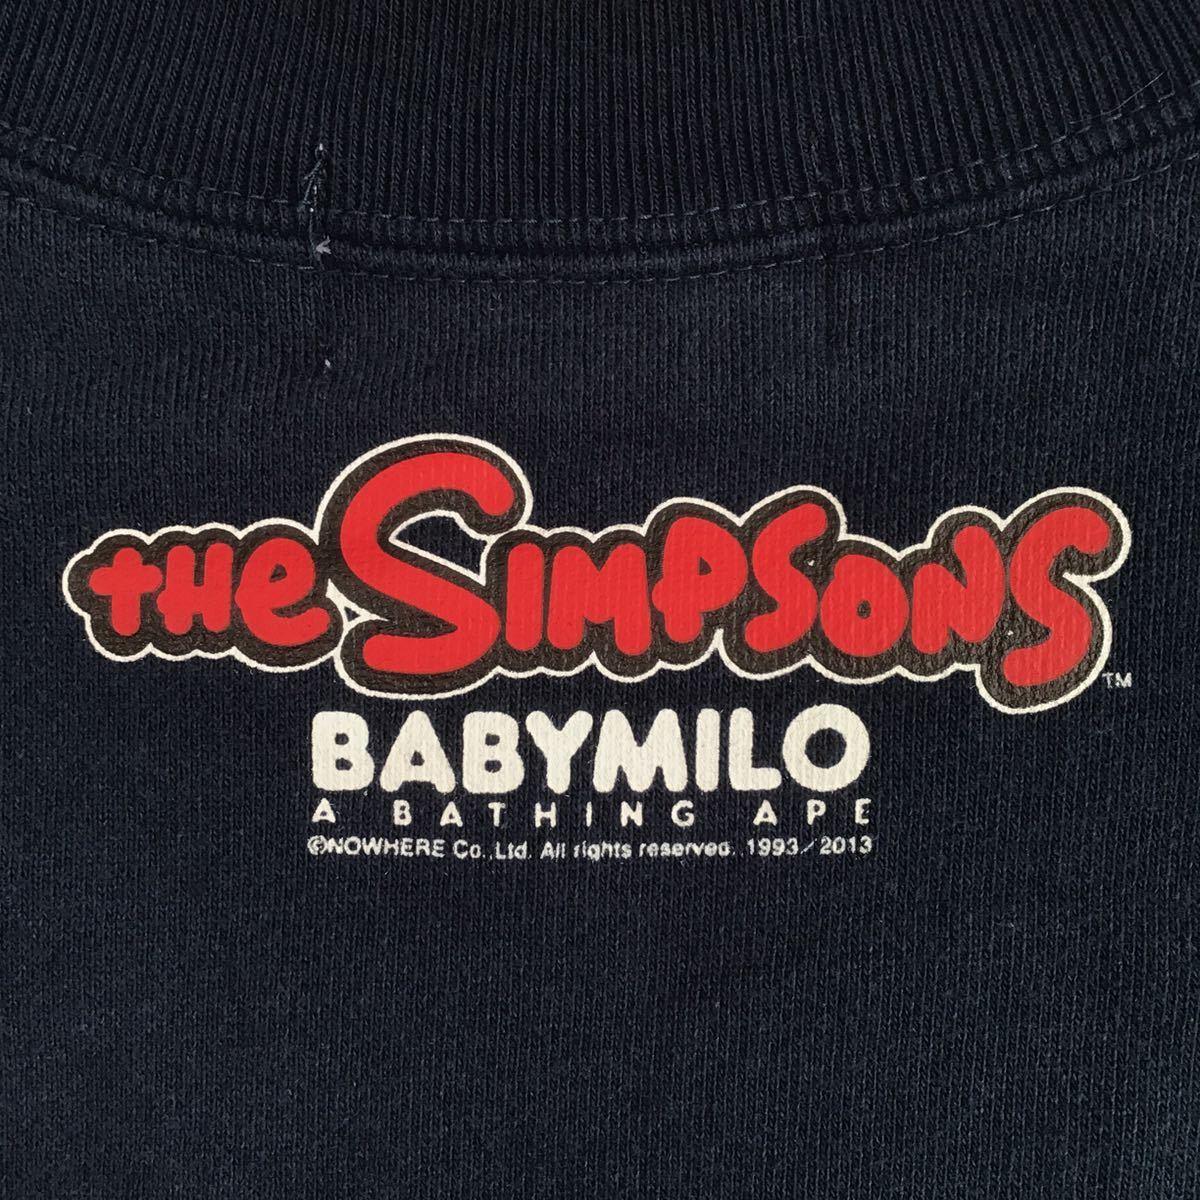 ★激レア★ THE SIMPSONS × BAPE 長袖スウェット navy Mサイズ a bathing ape baby milo sweat マイロ シンプソンズ エイプ ベイプ 7052